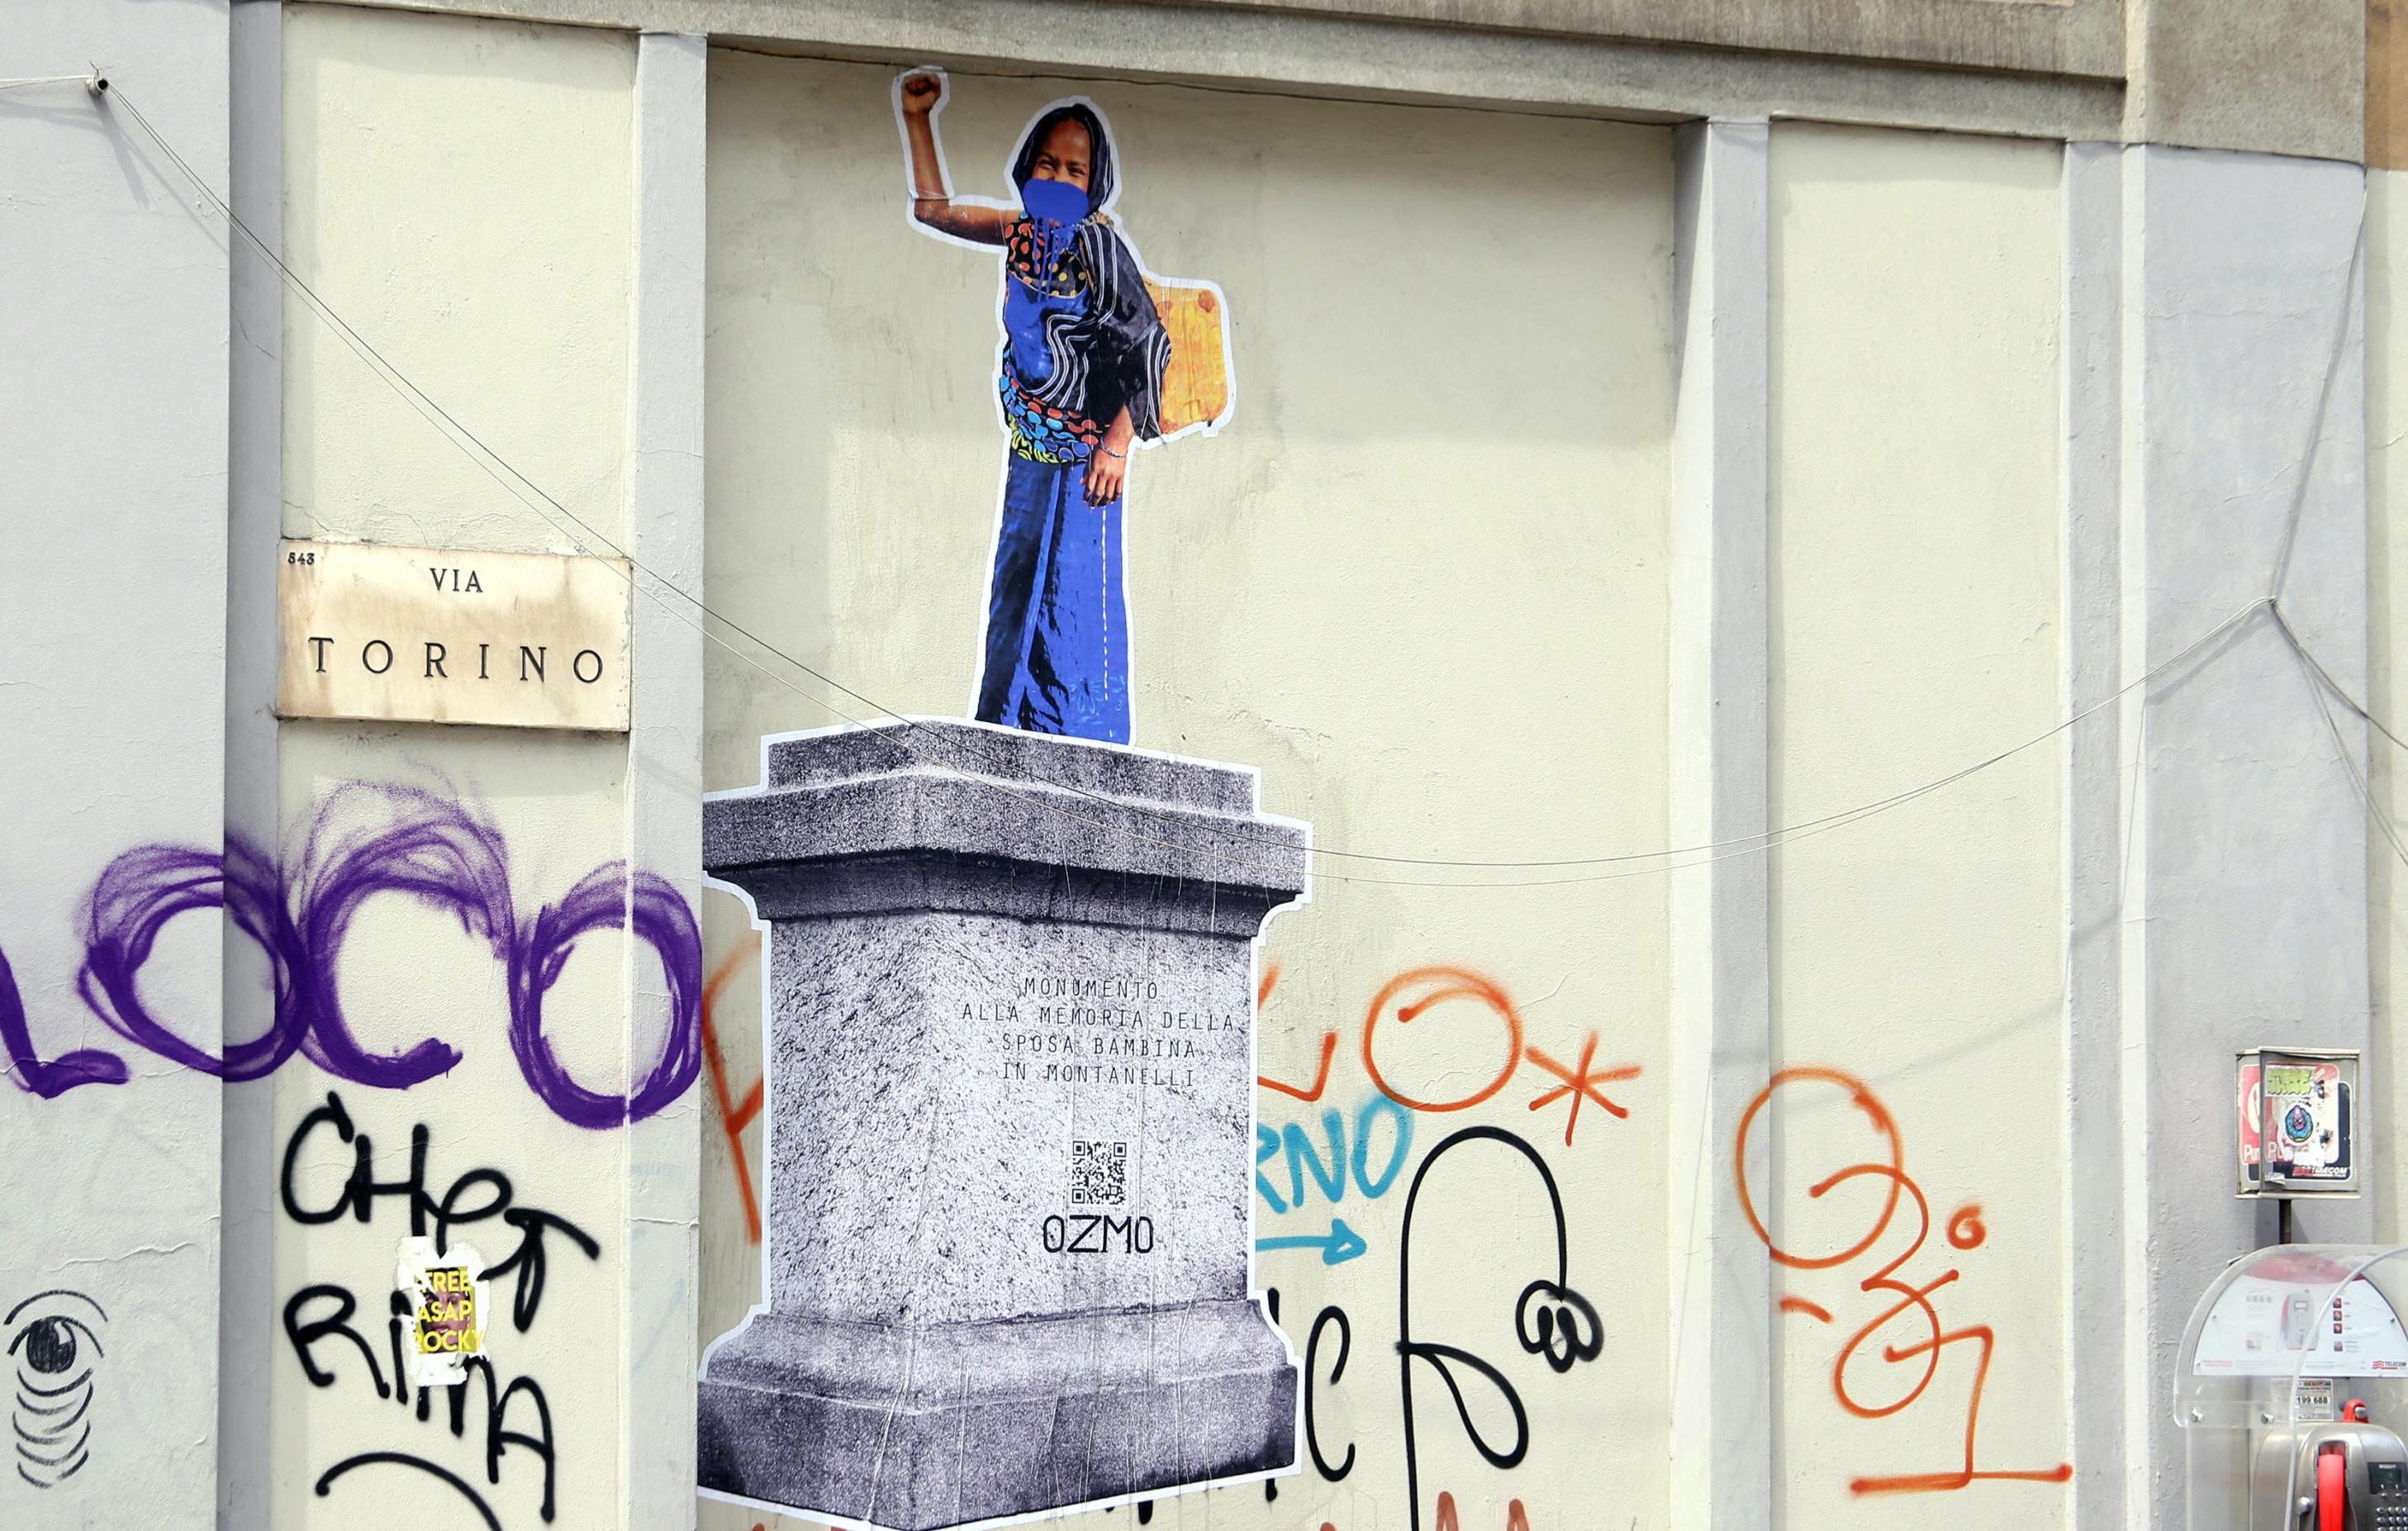 Marino Sinibaldi: «Una statua per risarcire la sposa bambina di Montanelli. Al via un confronto pubblico» - Open